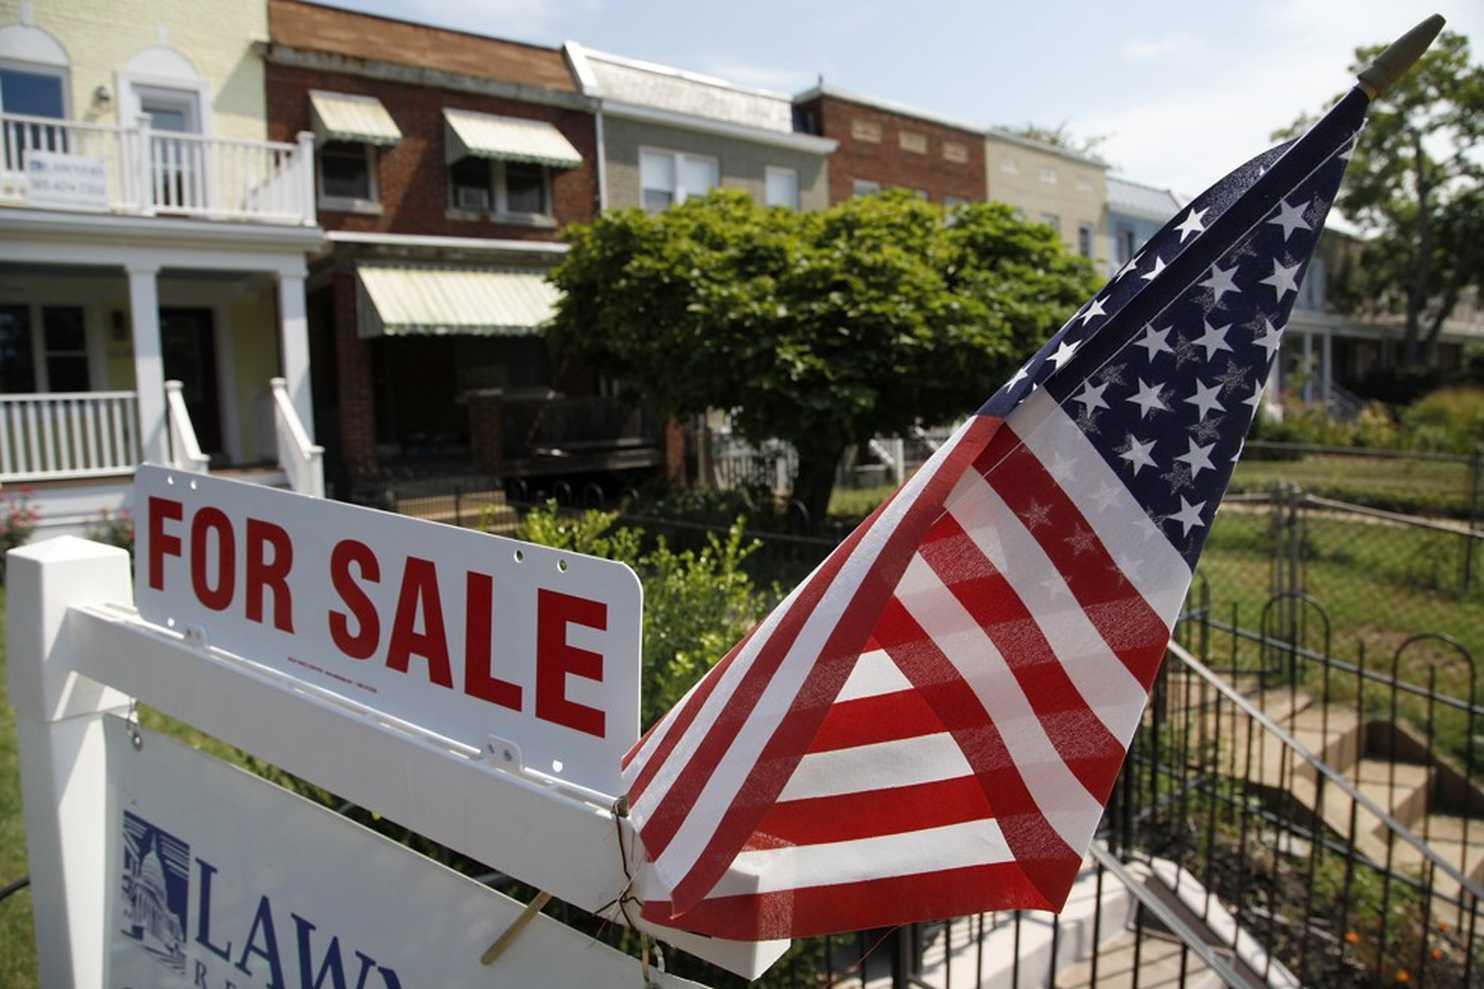 Приобретение недвижимости в США может плохо повлиять на получение визы. Фото: washingtonpost.com